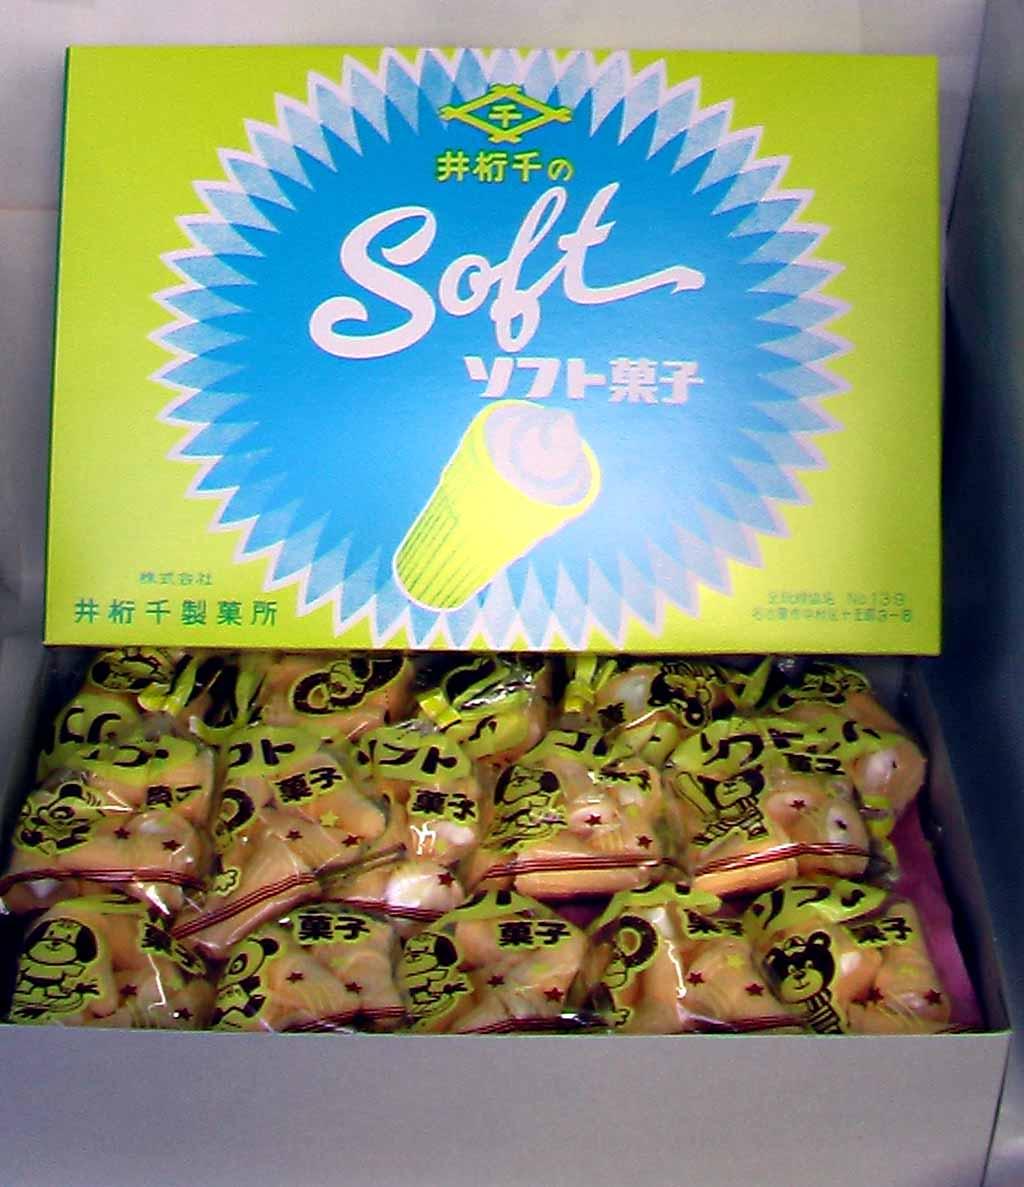 ソフト菓子トンガリ(30入り)